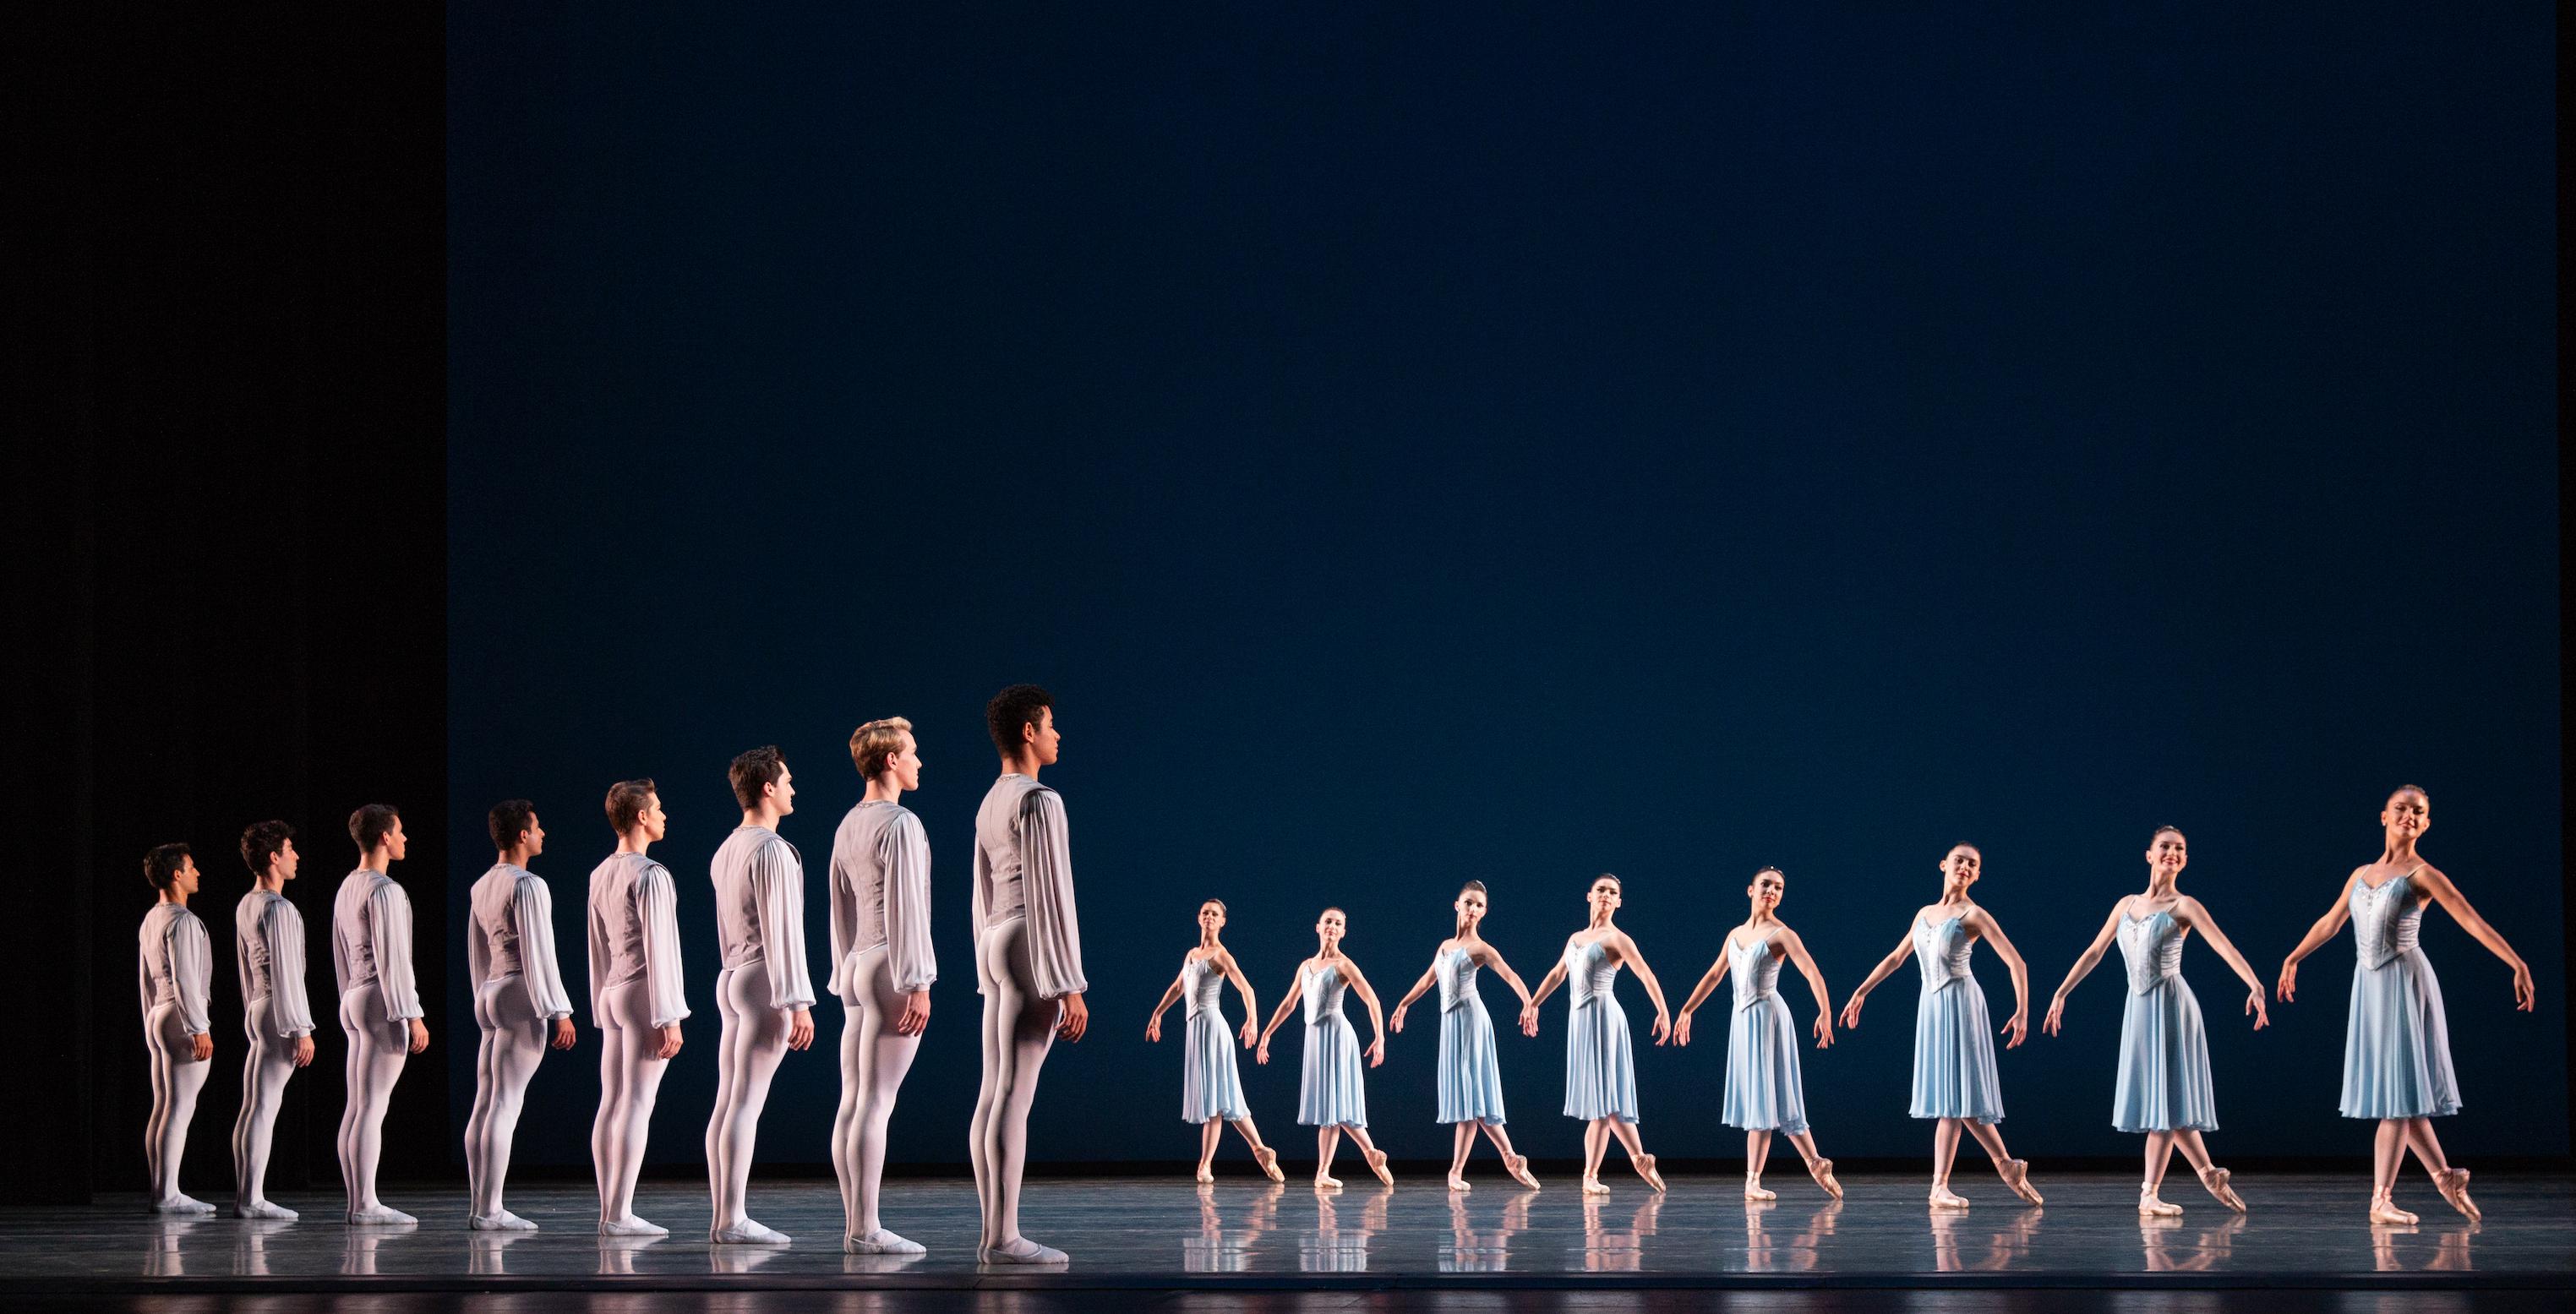 Высокие идеалы: как развивался балет в 20 столетии?